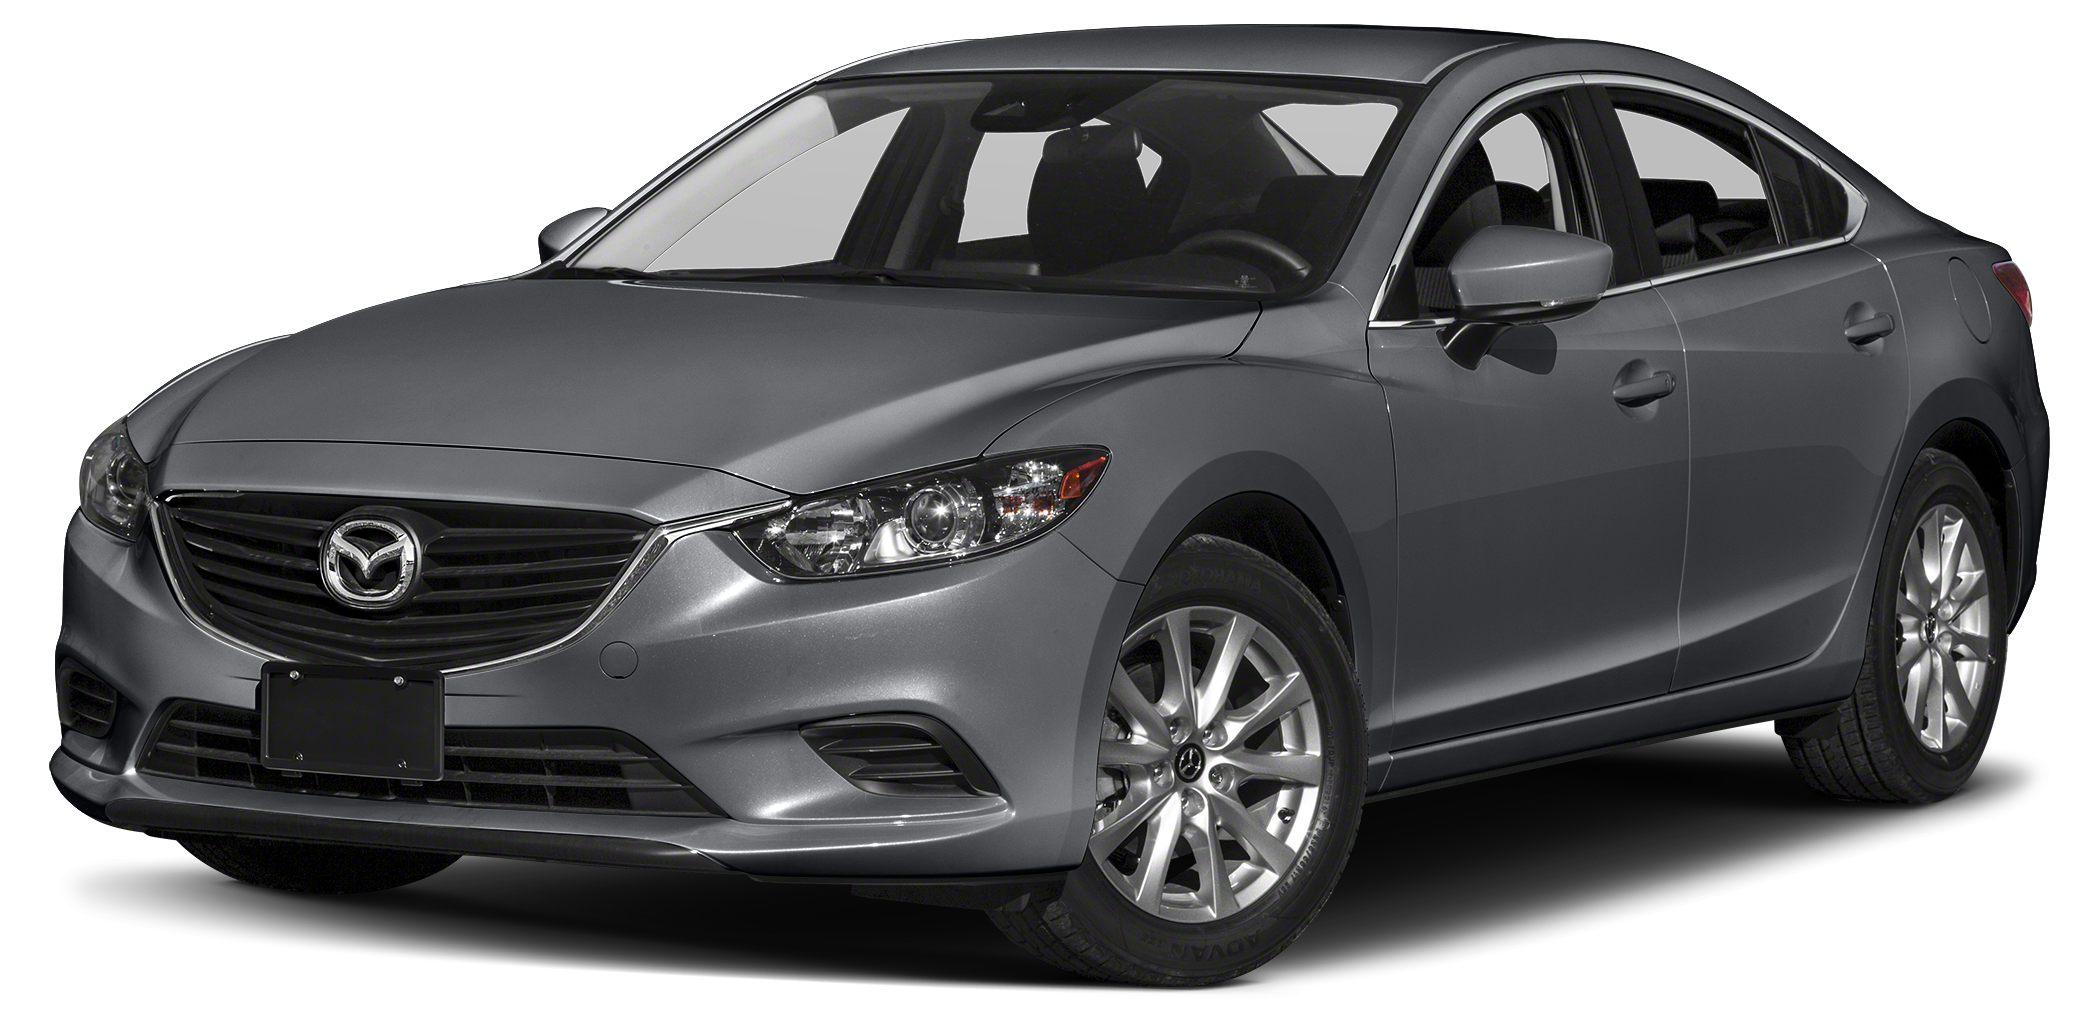 2017 Mazda MAZDA6 Sport Miles 1Color Machine Gray Metallic Stock RM0591 VIN JM1GL1U52H114859